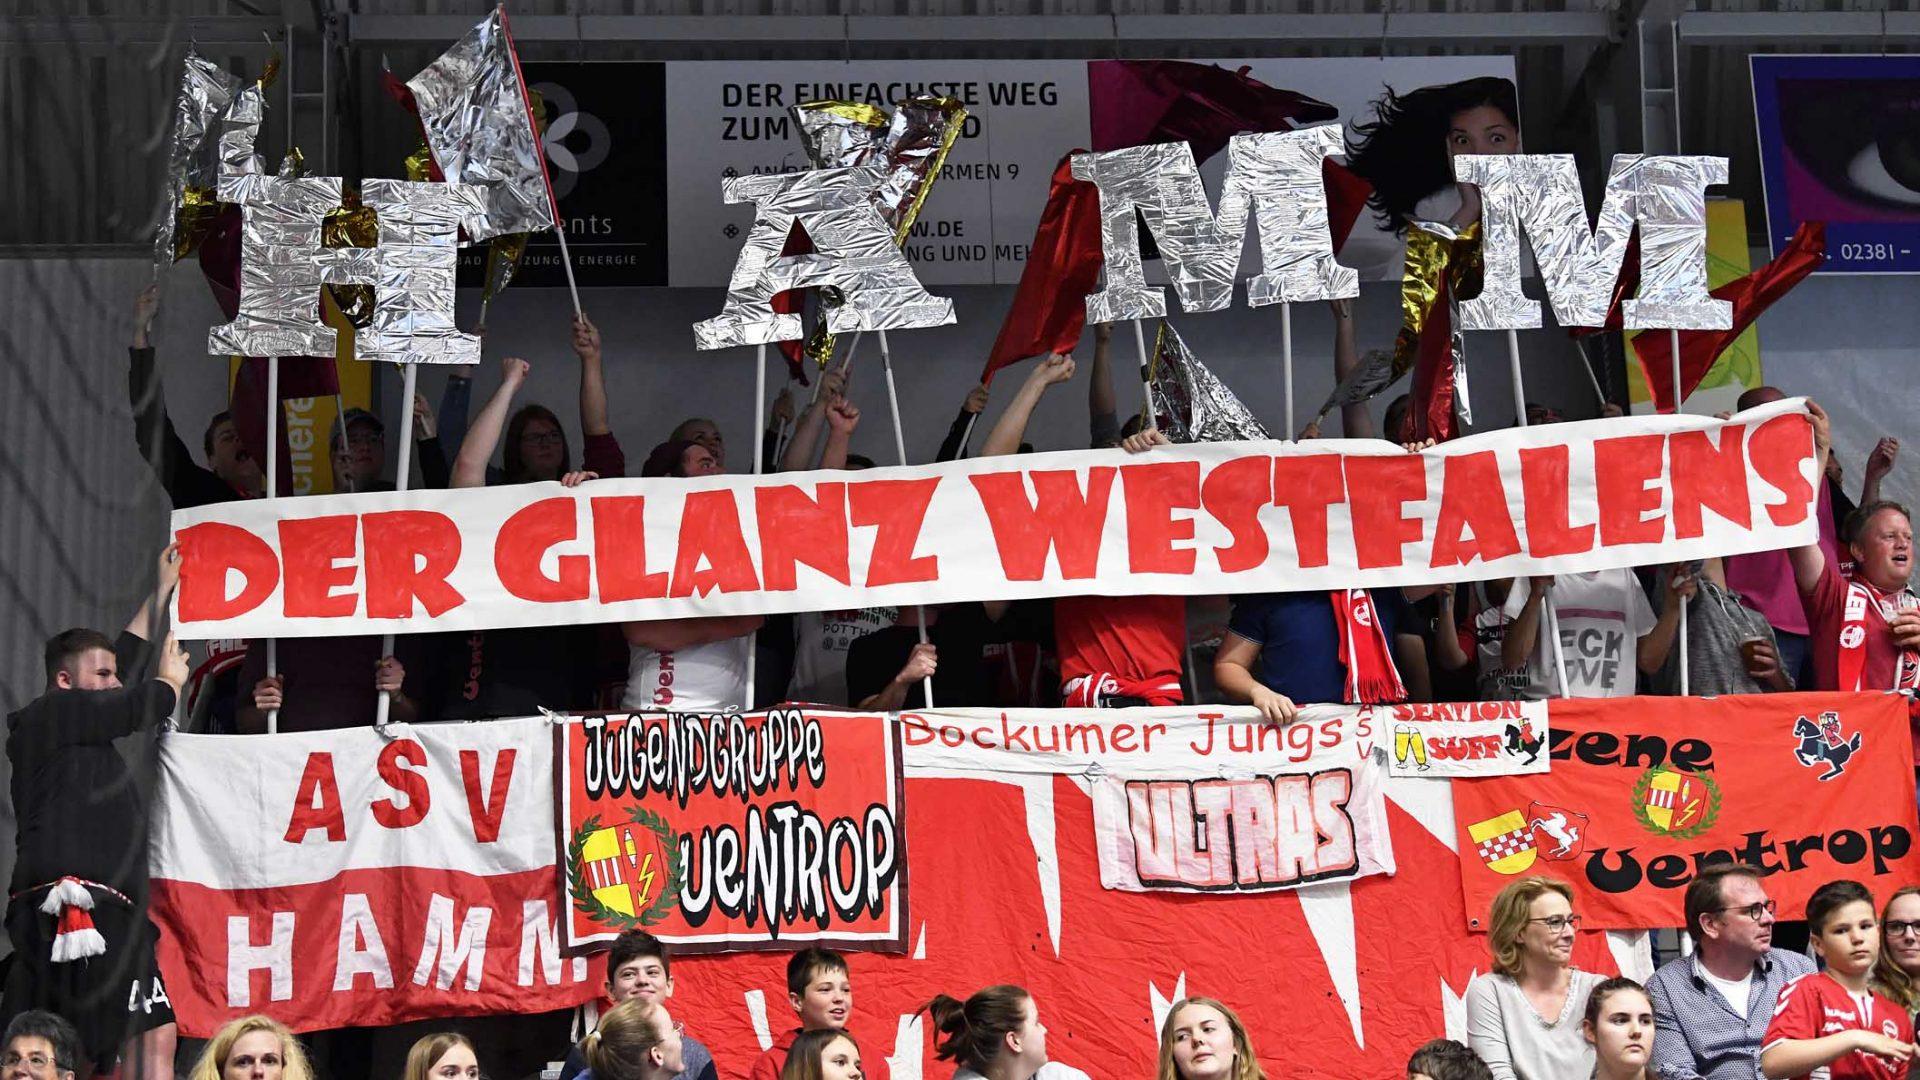 Handball Bundesliga Hamm Emsdetten; Fans;Transparent;